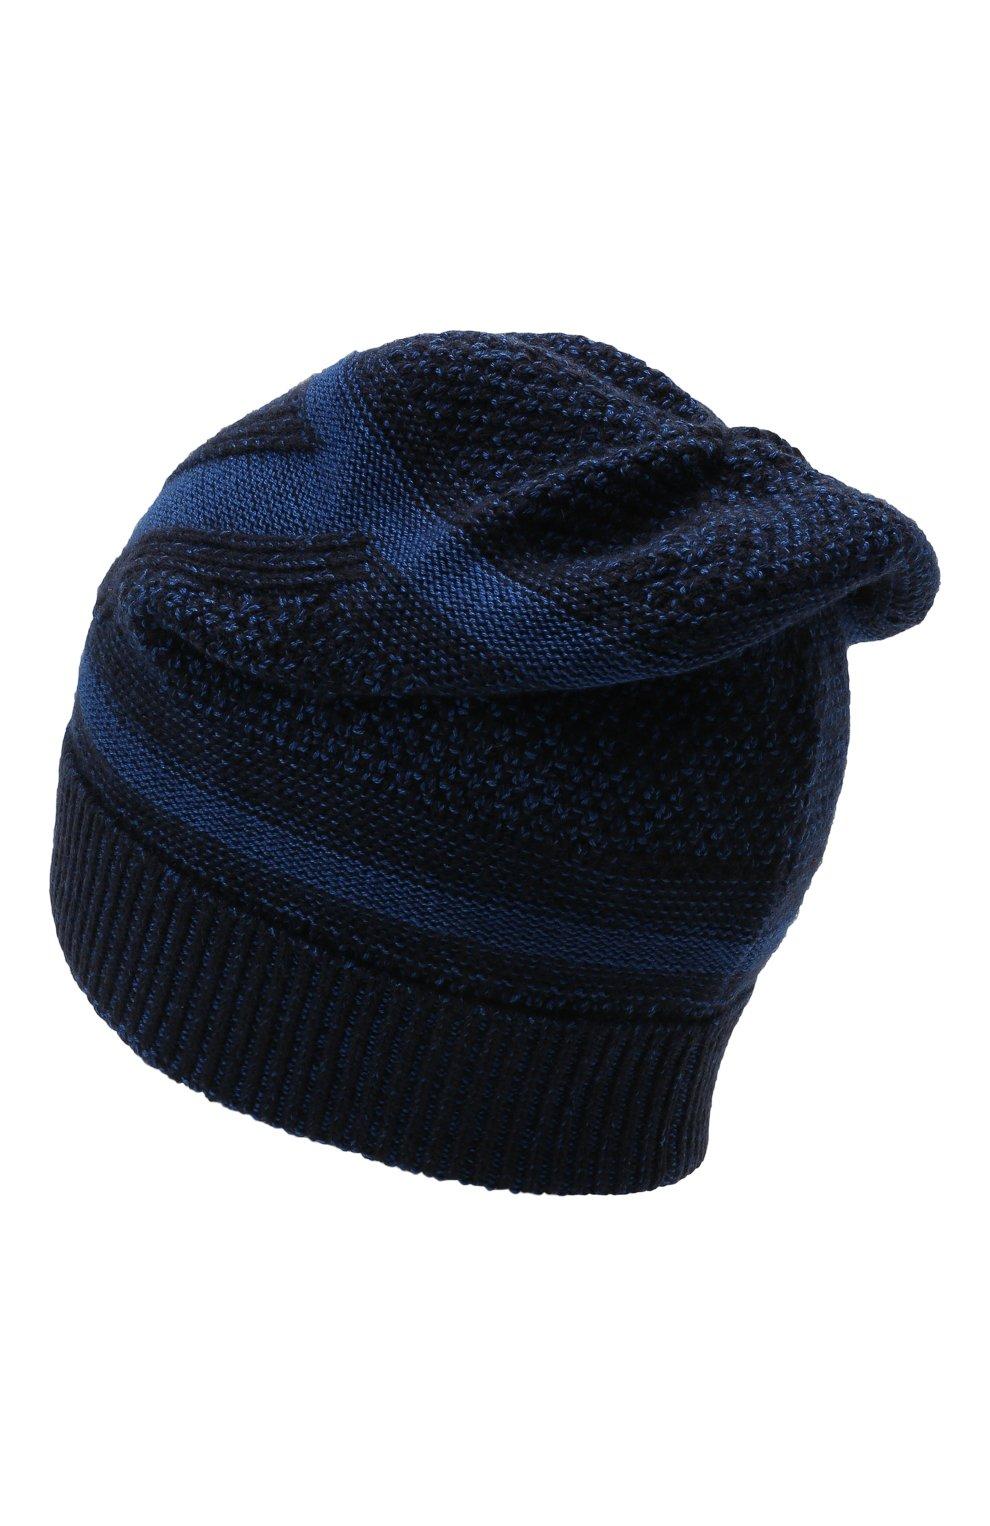 Мужская шапка из шерсти и шелка ZILLI SPORT темно-синего цвета, арт. MBW-B0508-PIZS1/ML01 | Фото 2 (Материал: Шерсть; Кросс-КТ: Трикотаж)